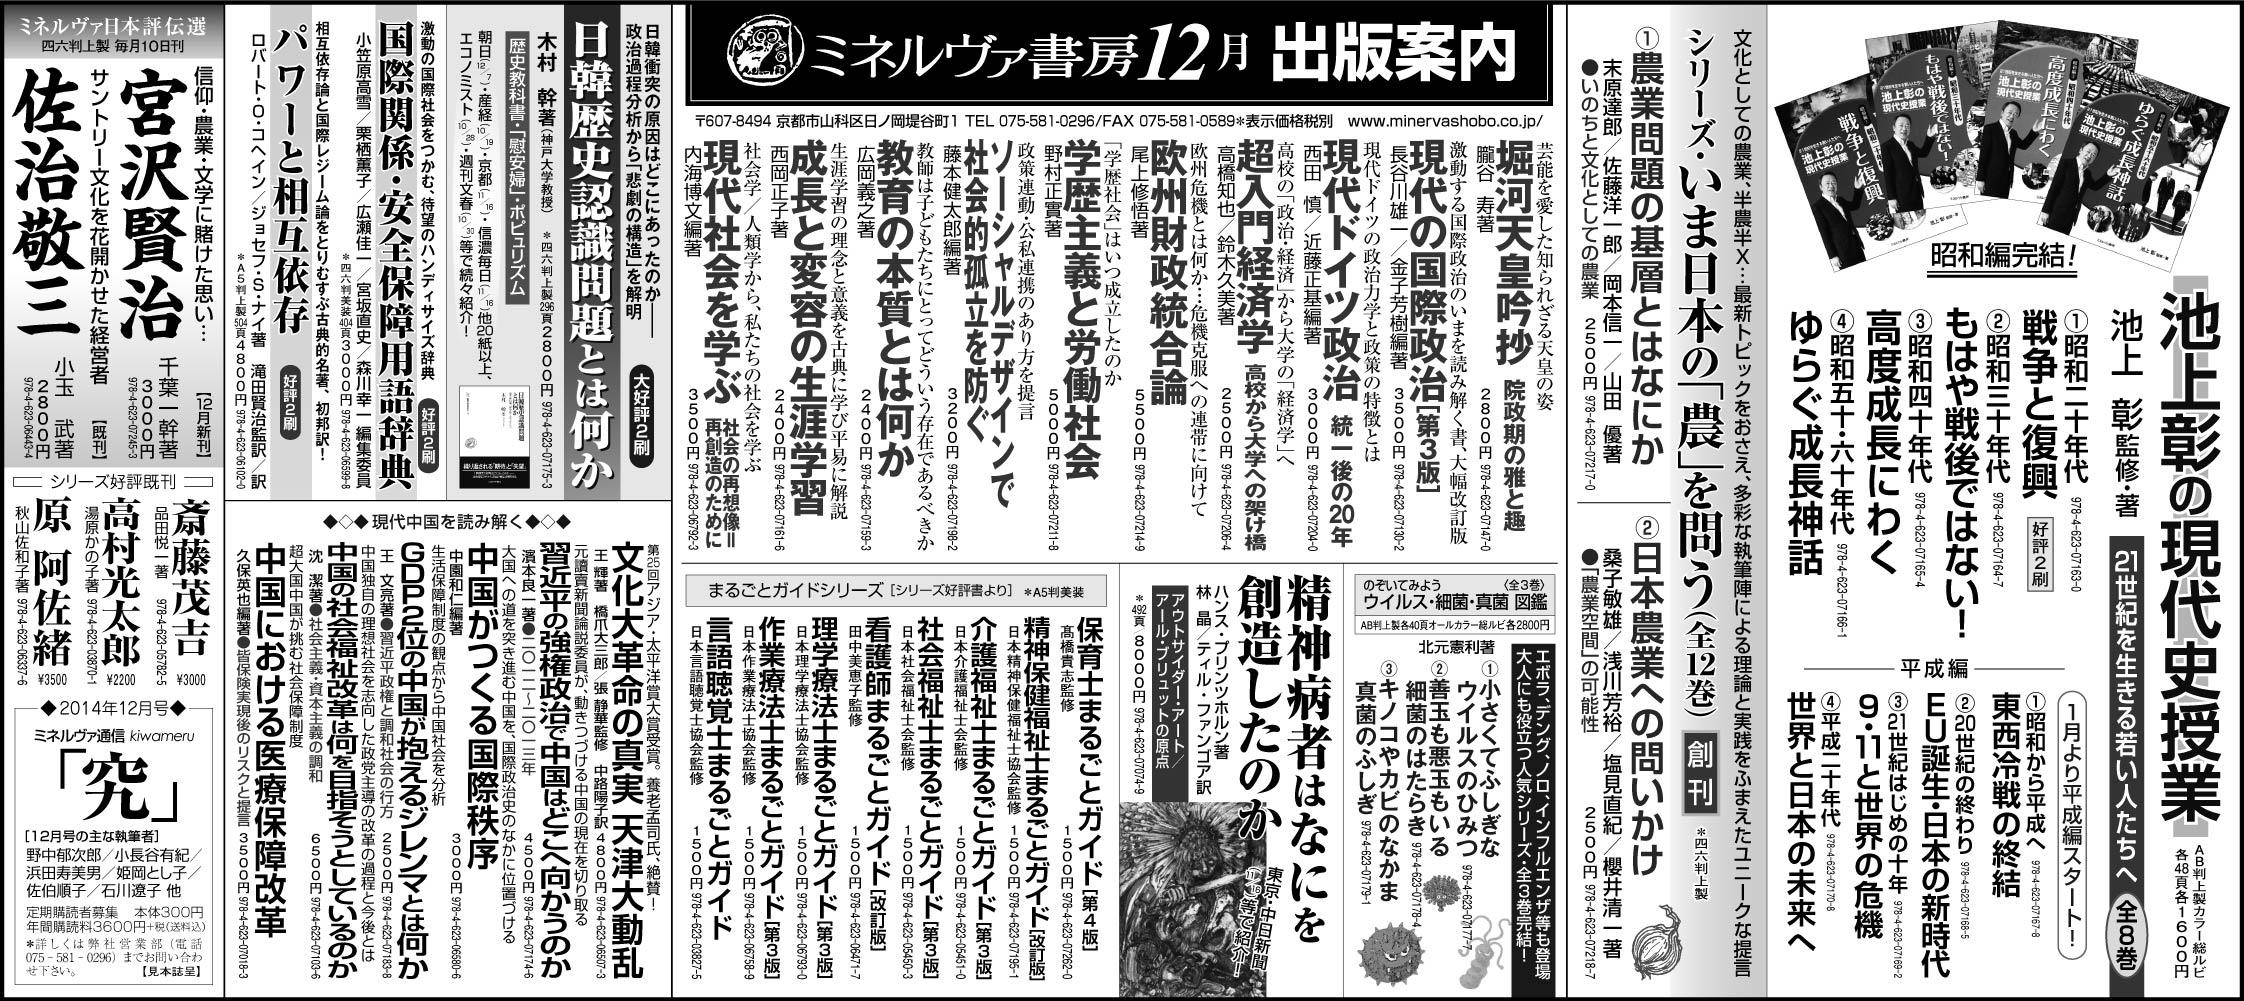 日本経済新聞全5段広告2014年12月21日掲載